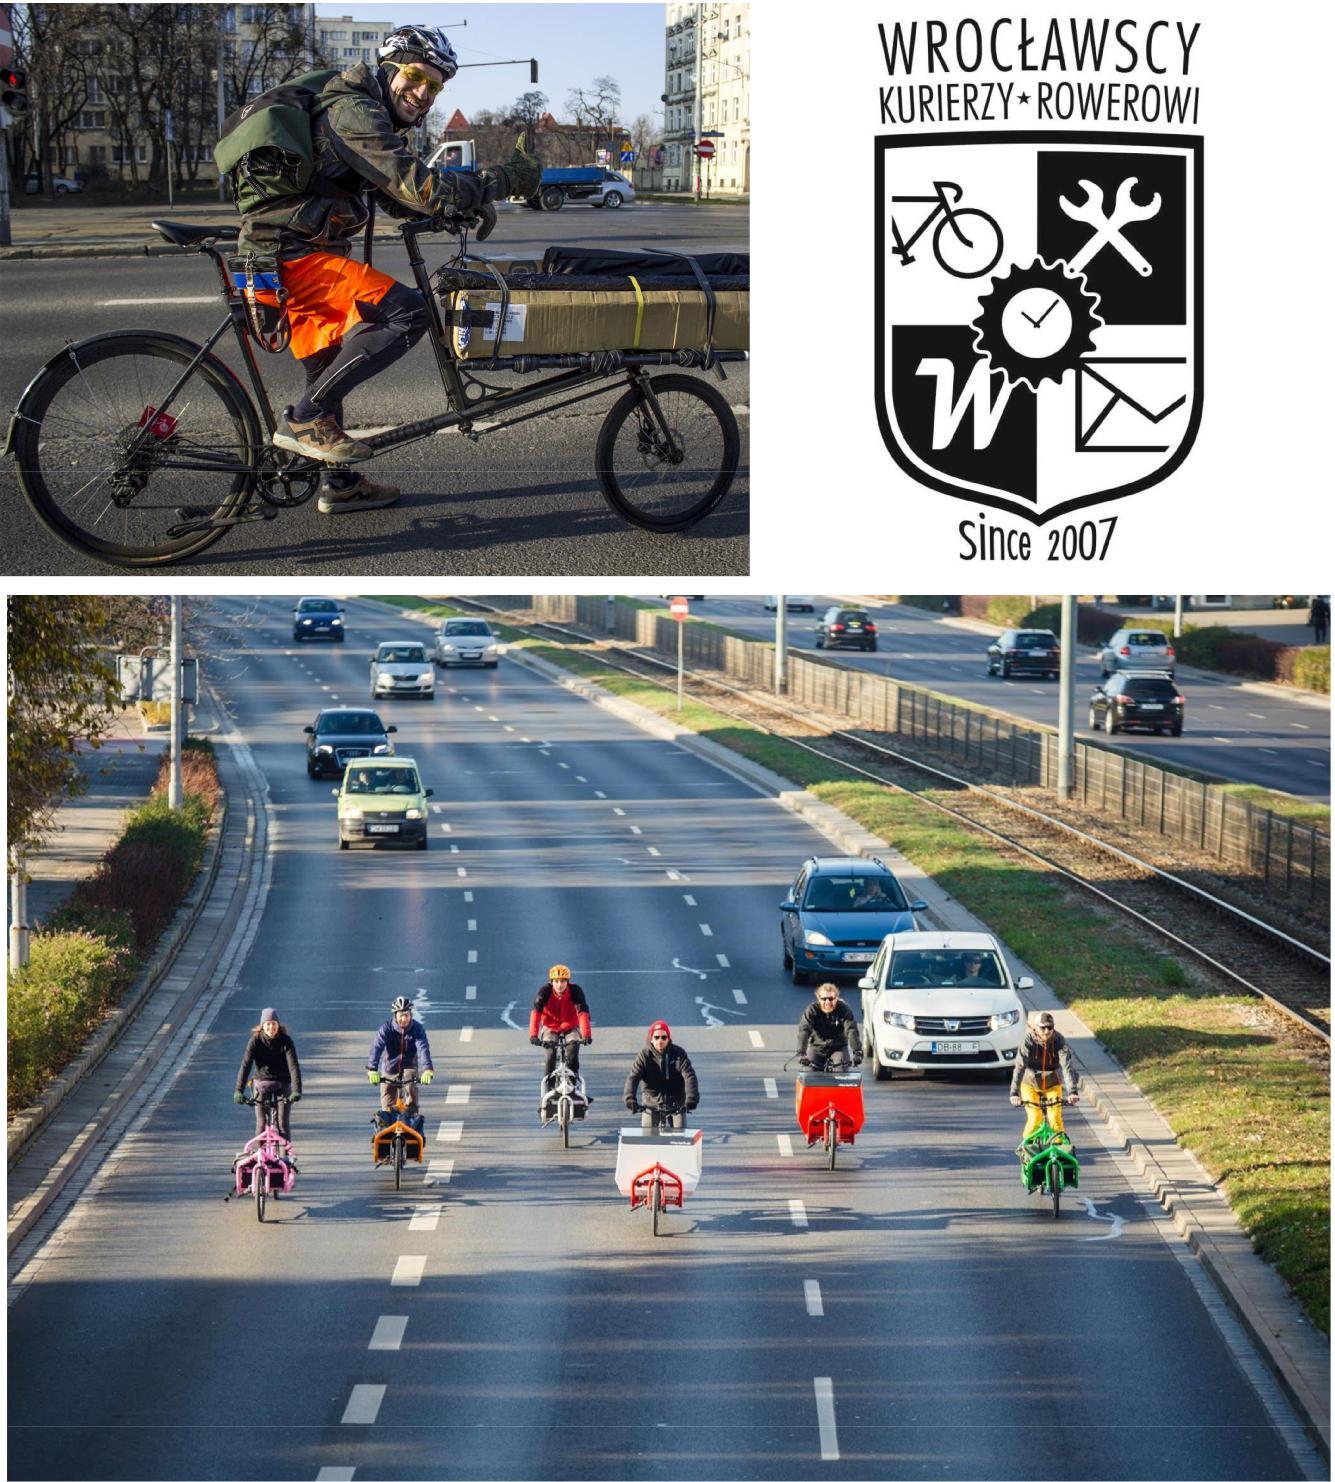 wrocławscy kurierzy rowerowi